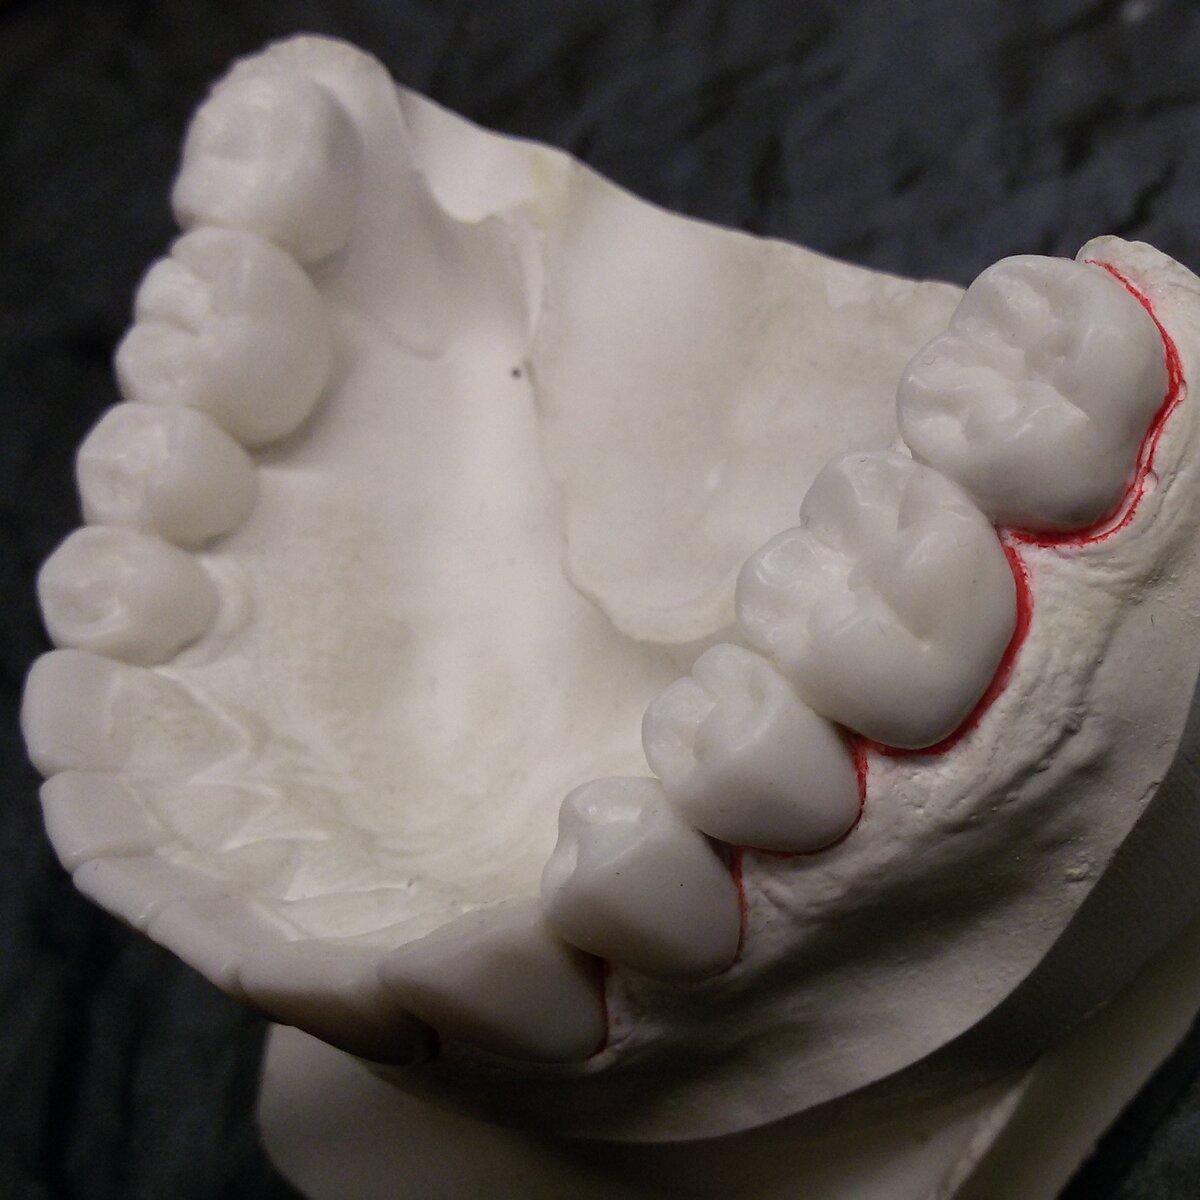 Простая инструкция по моделированию зубов из воска